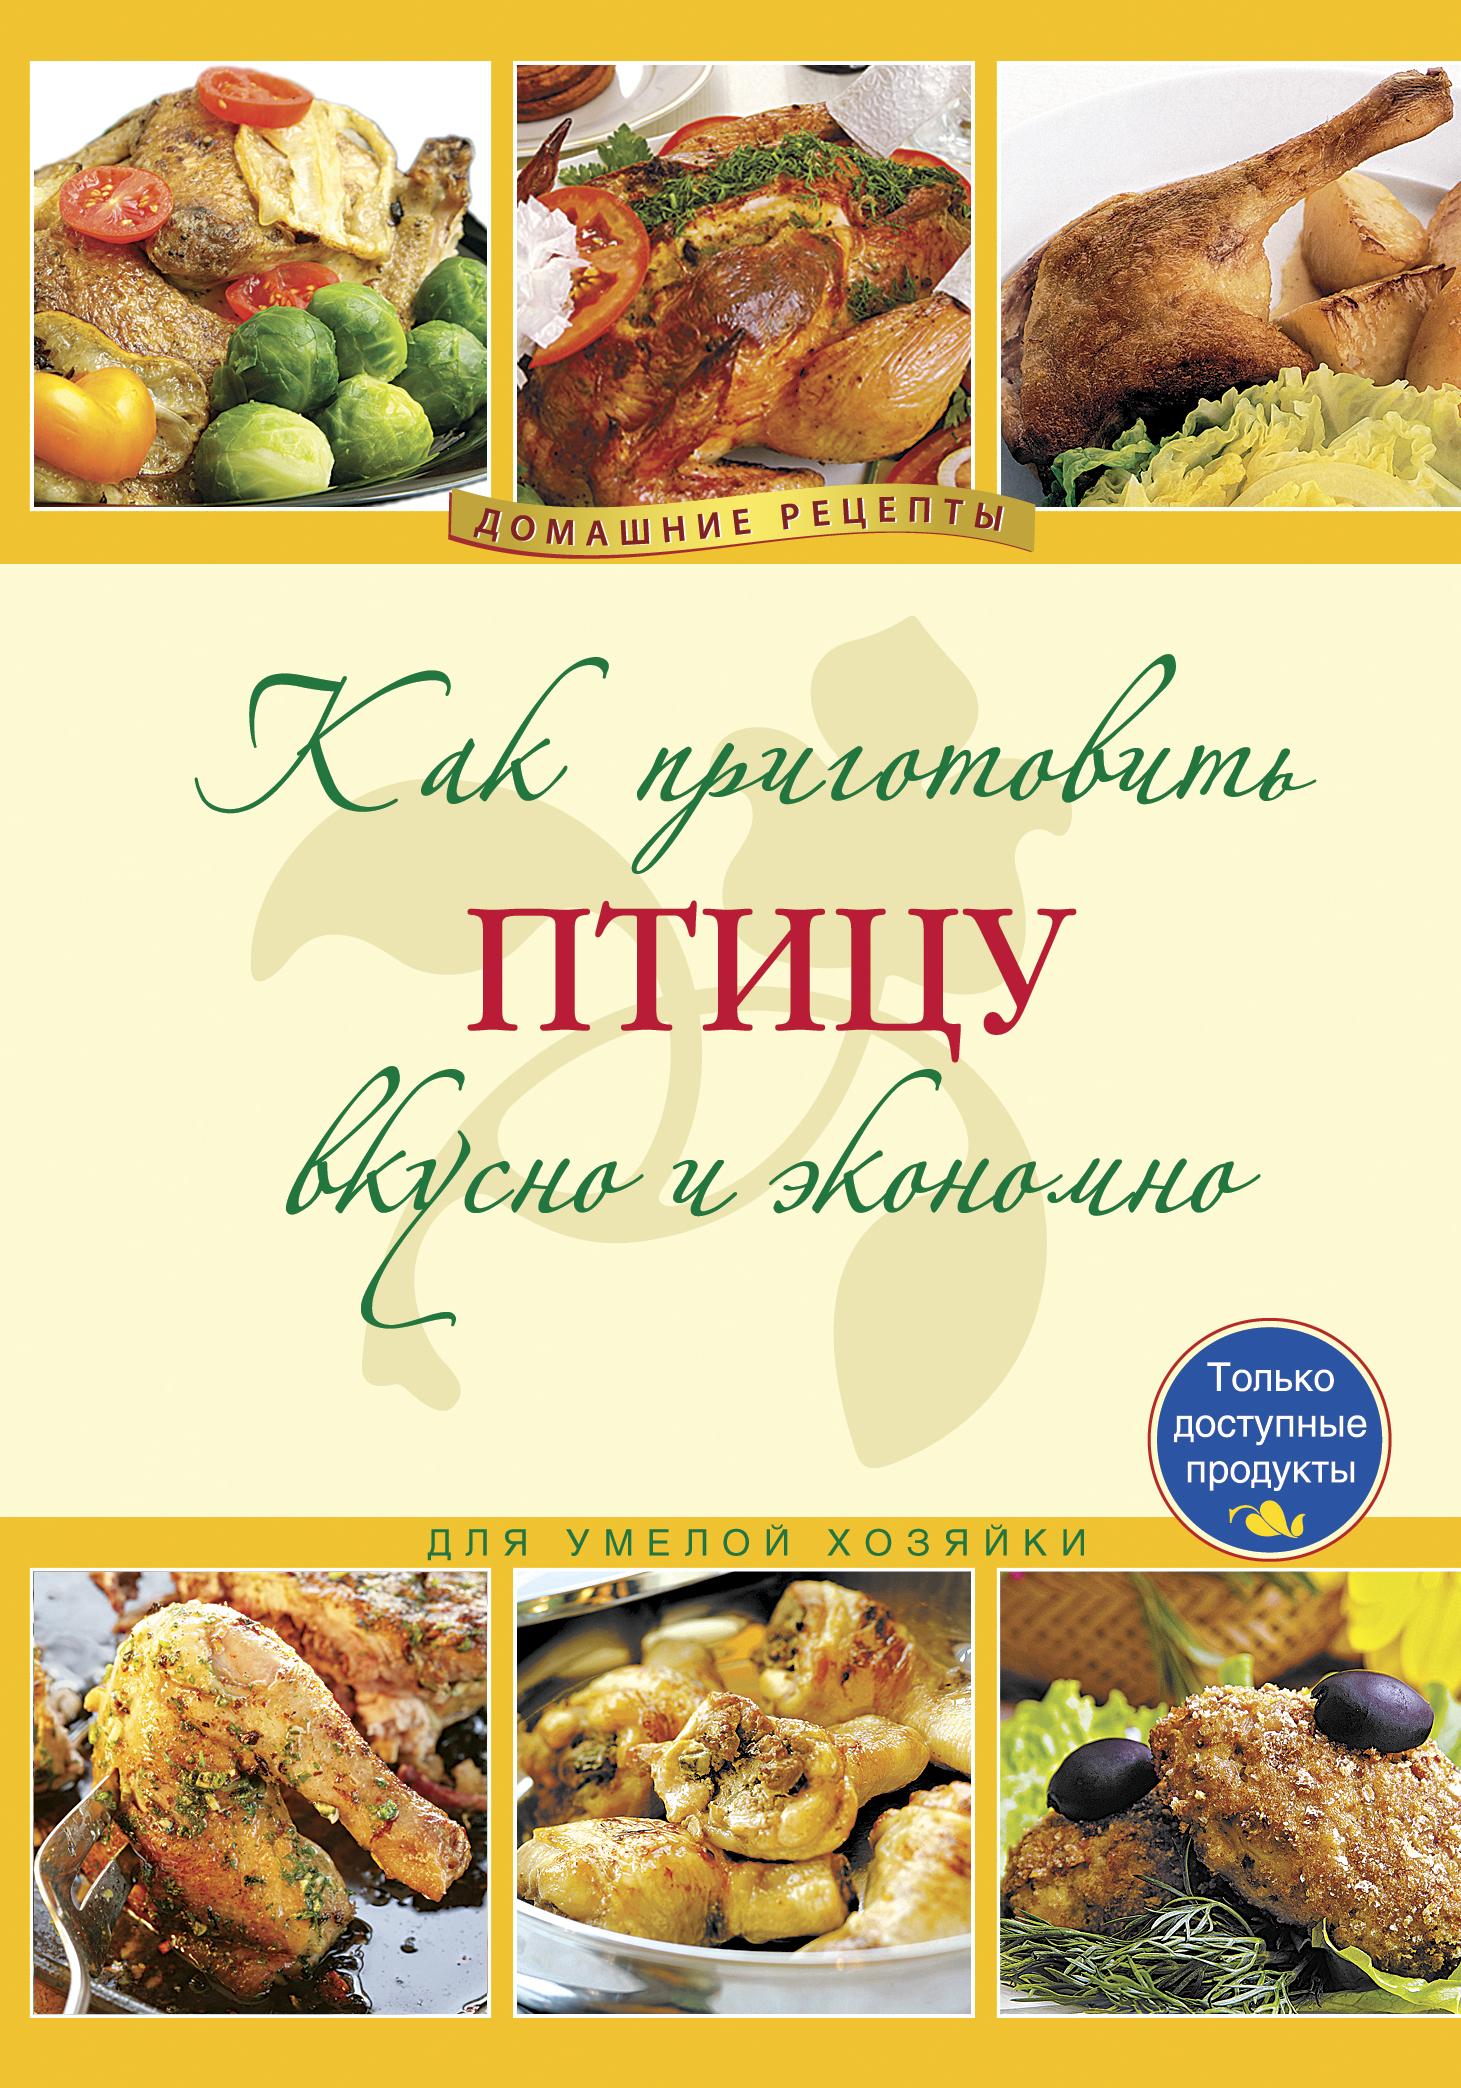 Как приготовить птицу вкусно и экономно как приготовить птицу вкусно и экономно